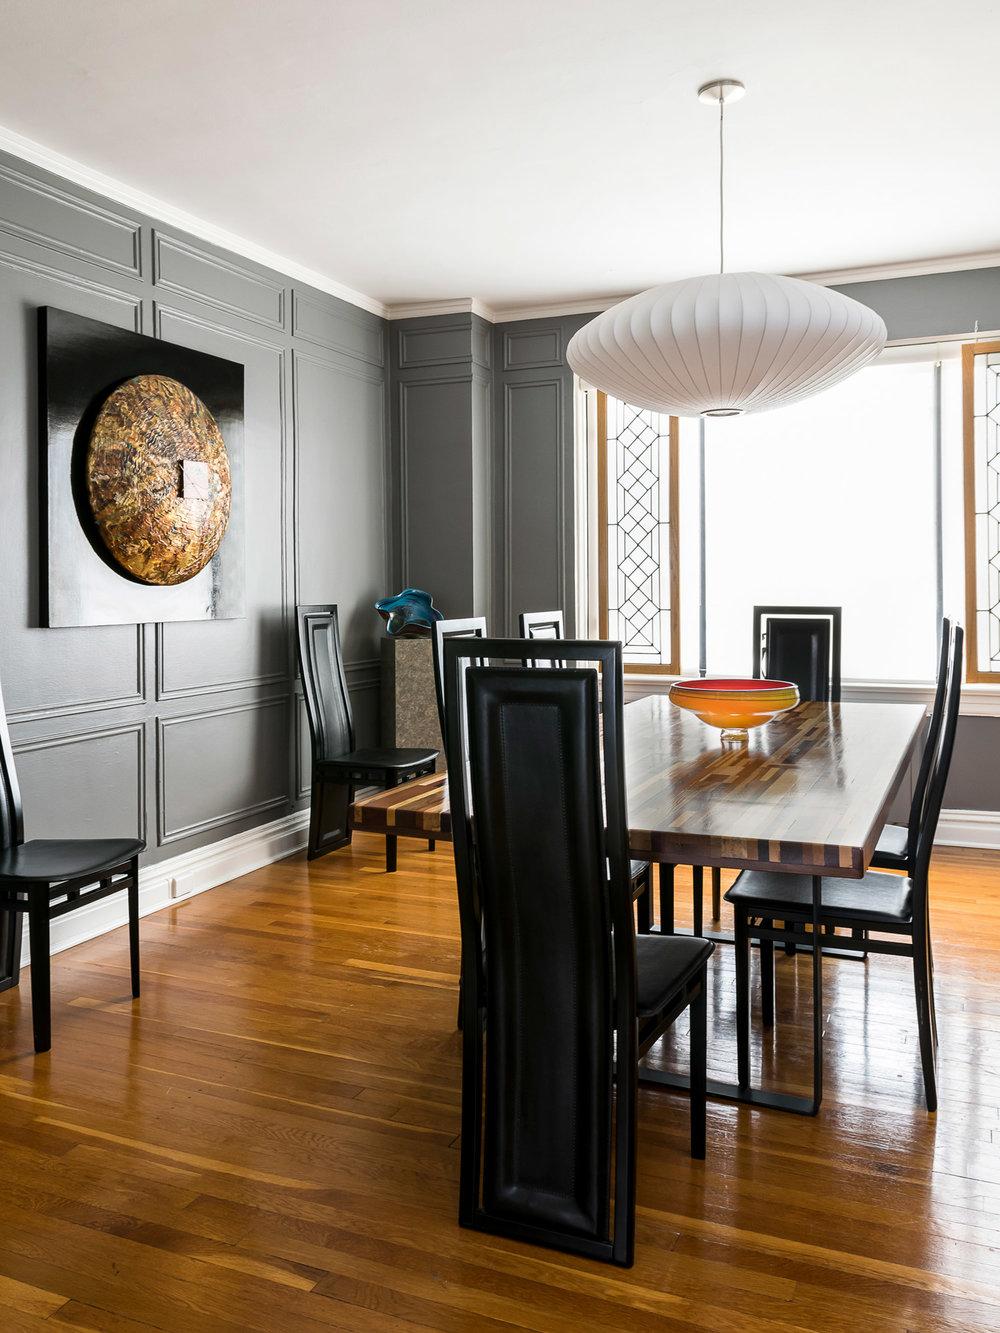 dining-room--4x3-_DSC0606-300-dpi.jpg